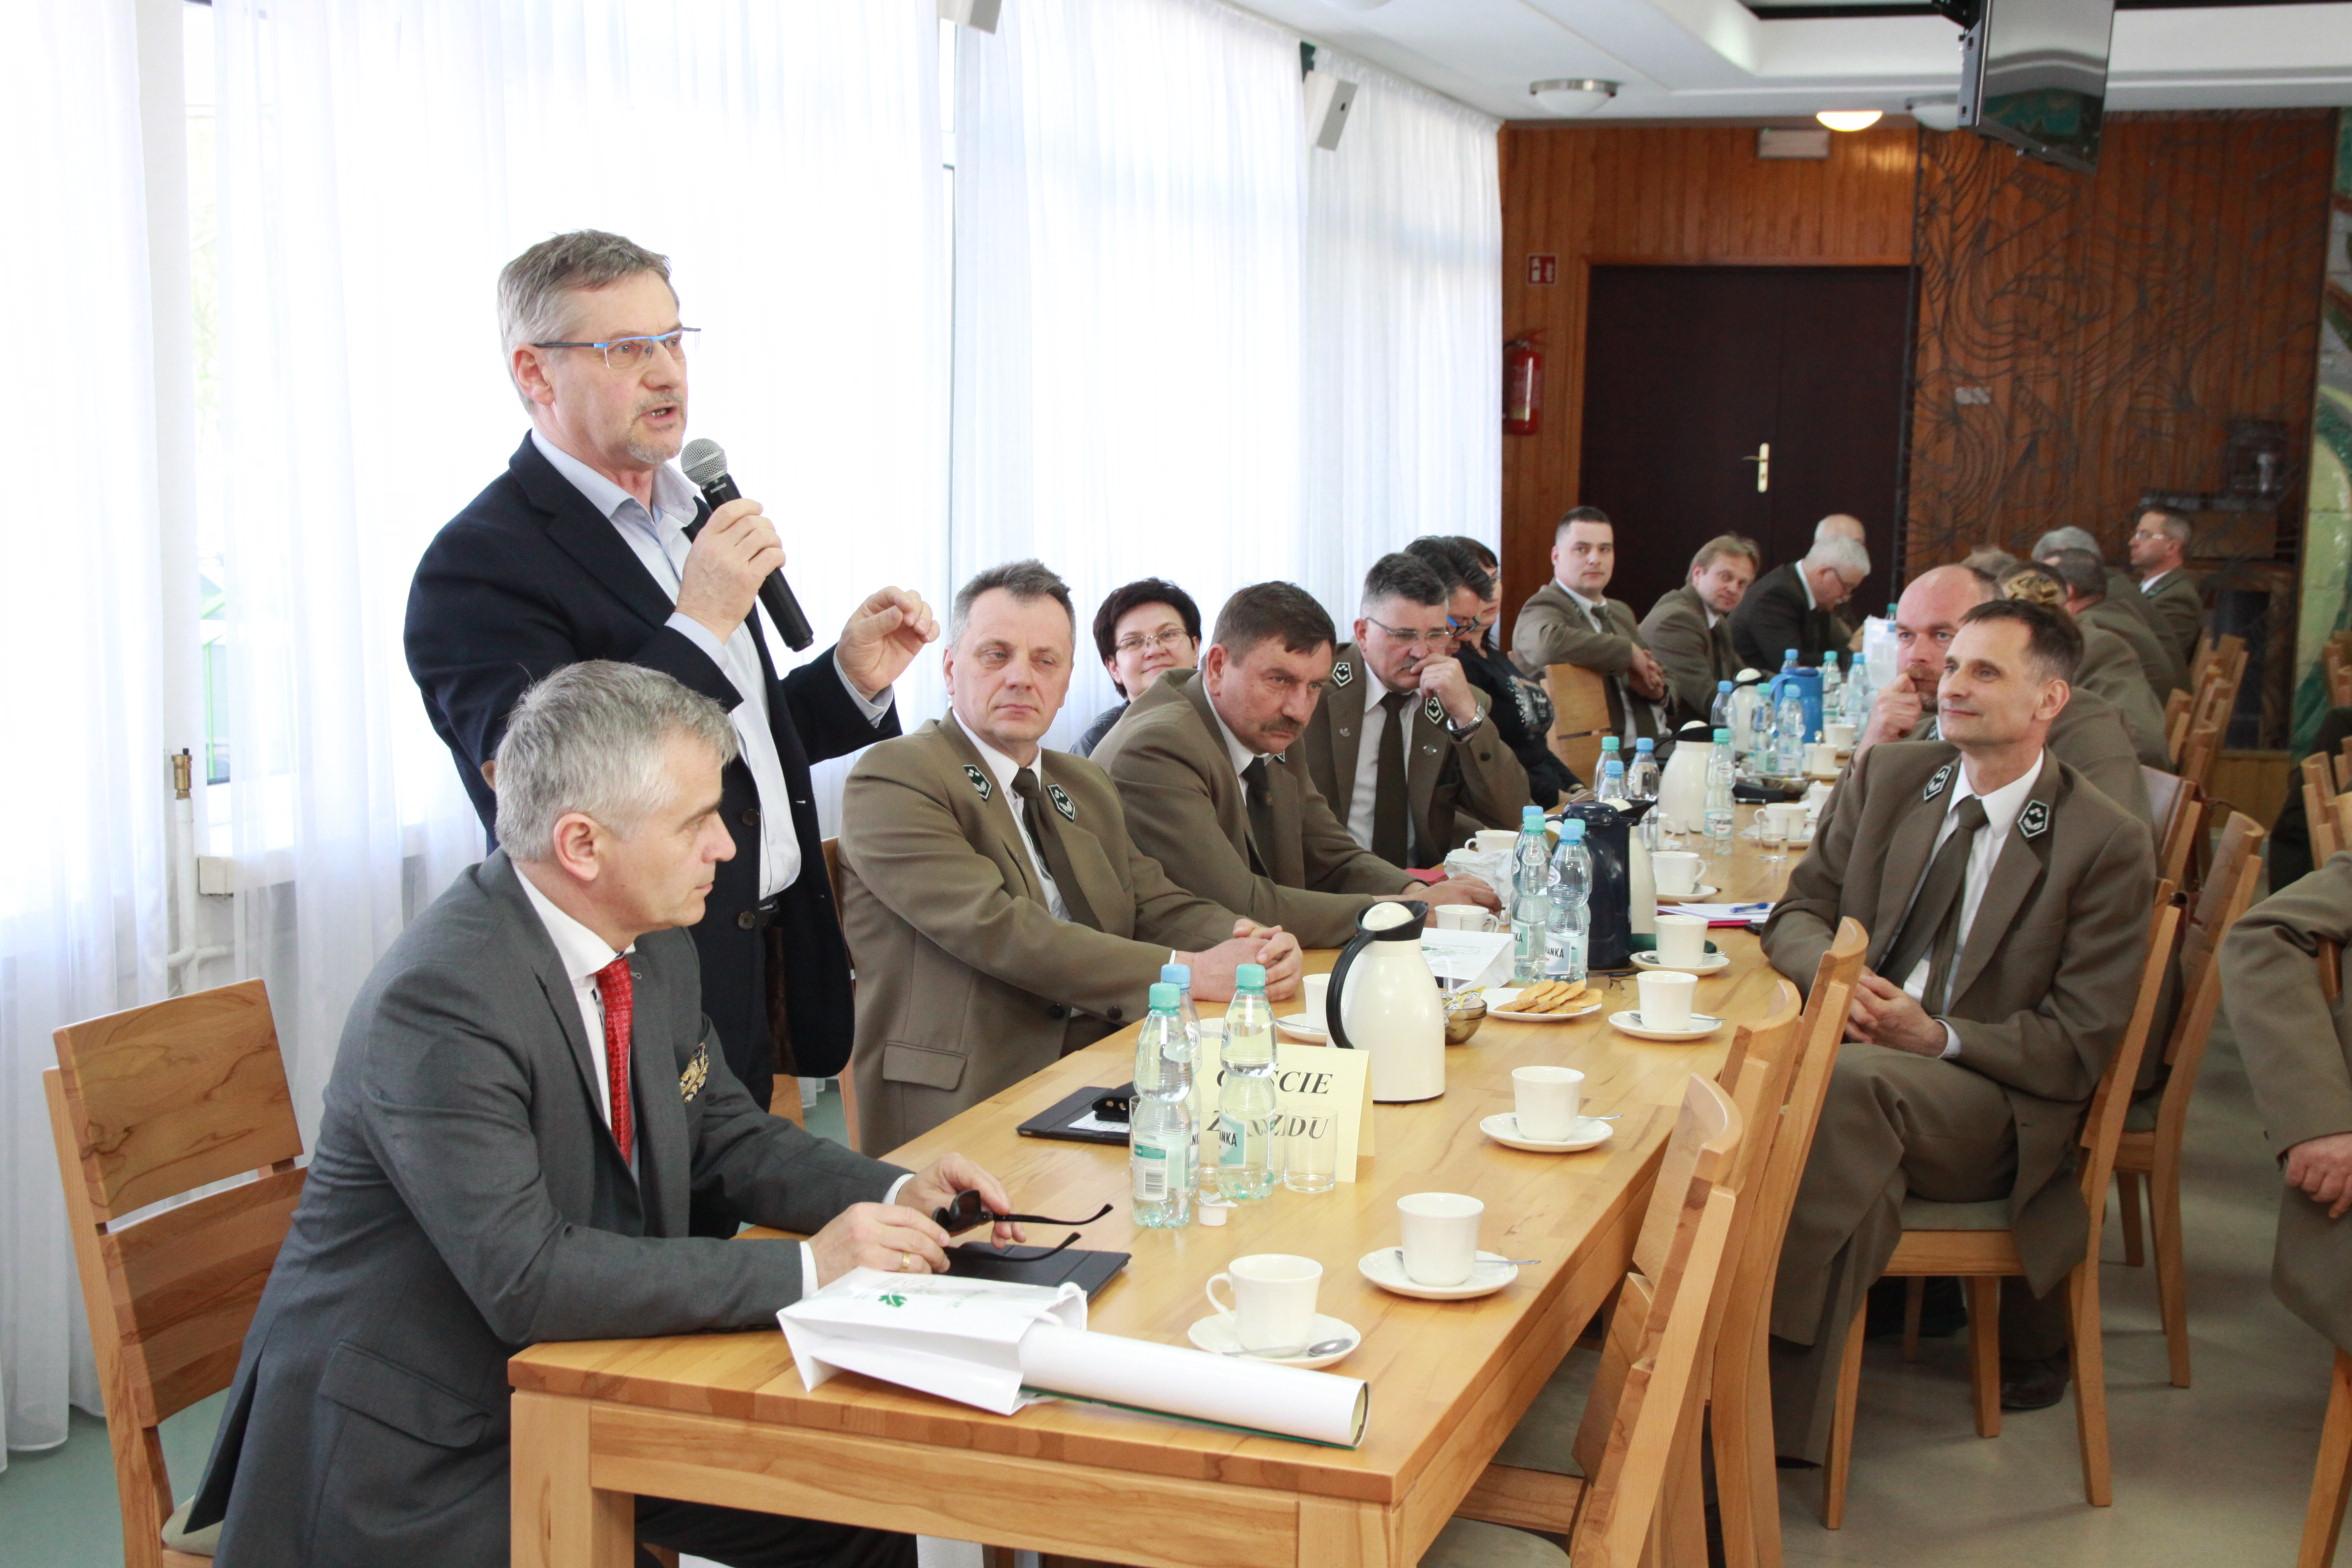 Fot. 6 Sala obrad. Posłowie Andrzej Maciejewski,  Janusz Cichoń